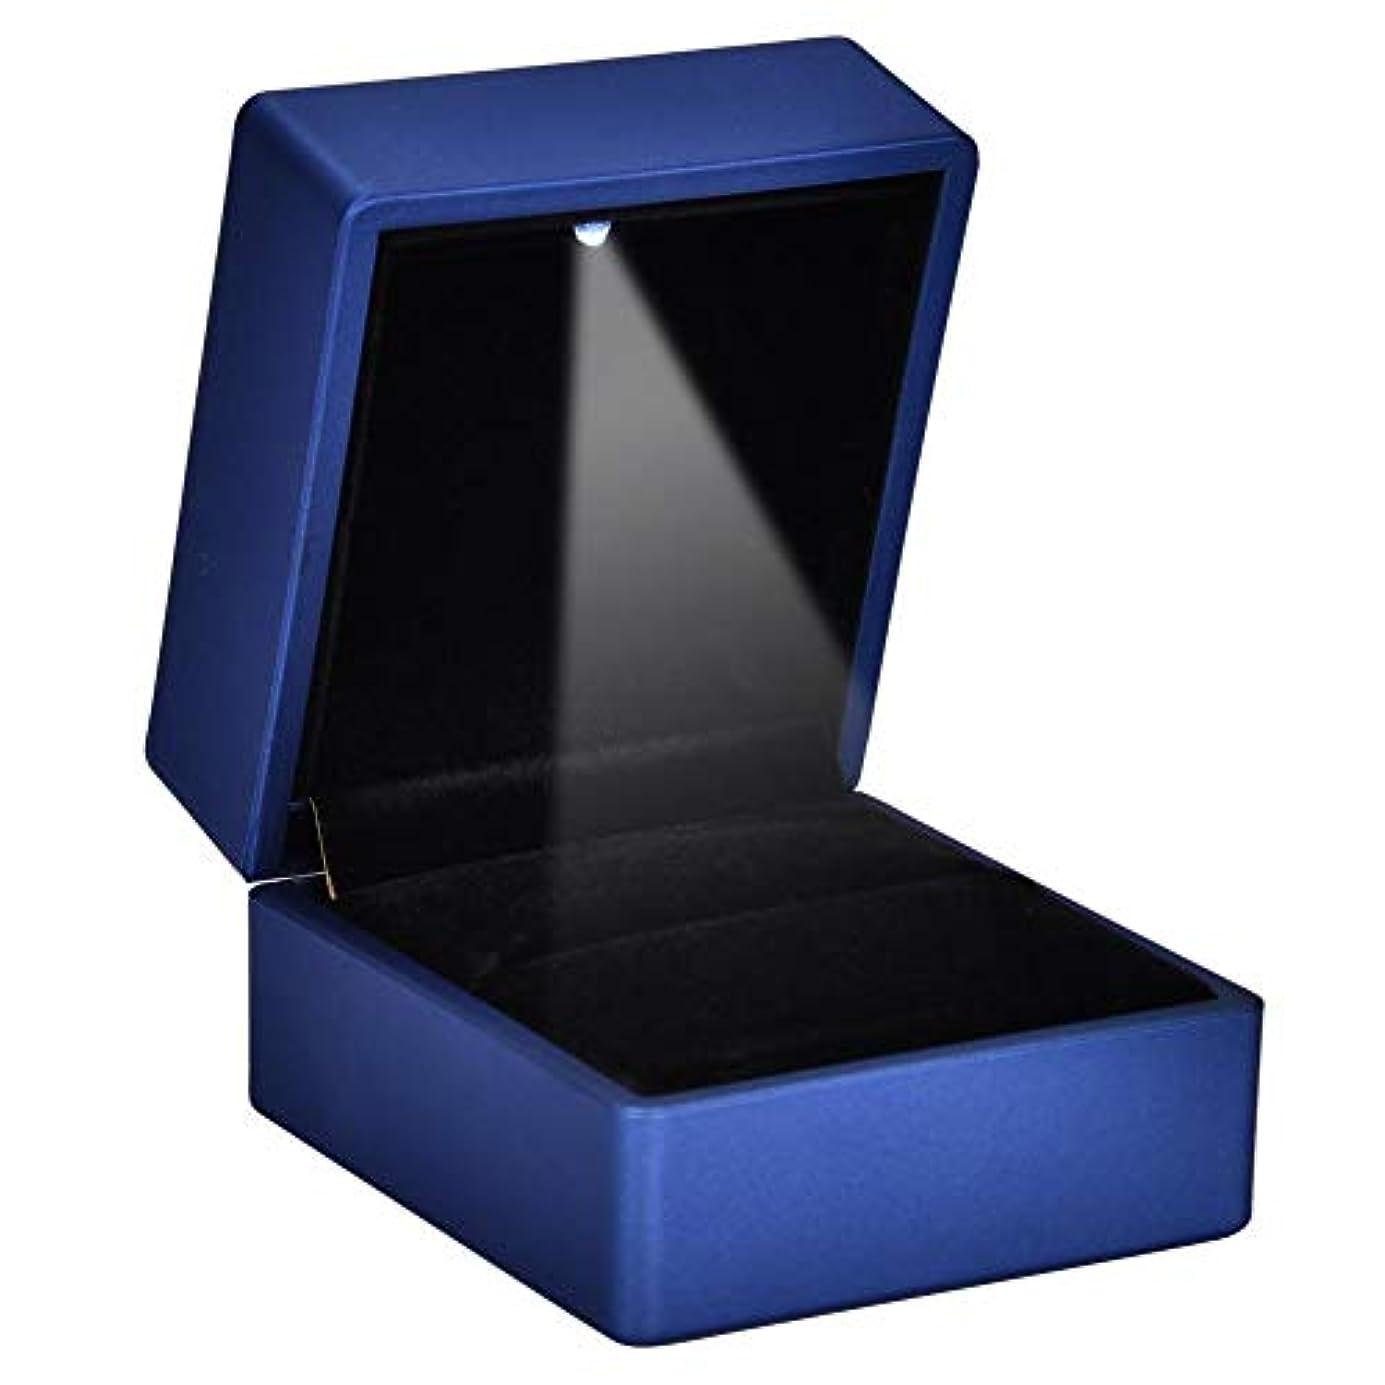 手伝う浮浪者許容できる2種類ファッショナブルなLEDリングボックス - 内部LED照明付きリングケース、ジュエリーホルダーリング収納ケース、結婚式の提案(ブルー-90 * 70 * 35)